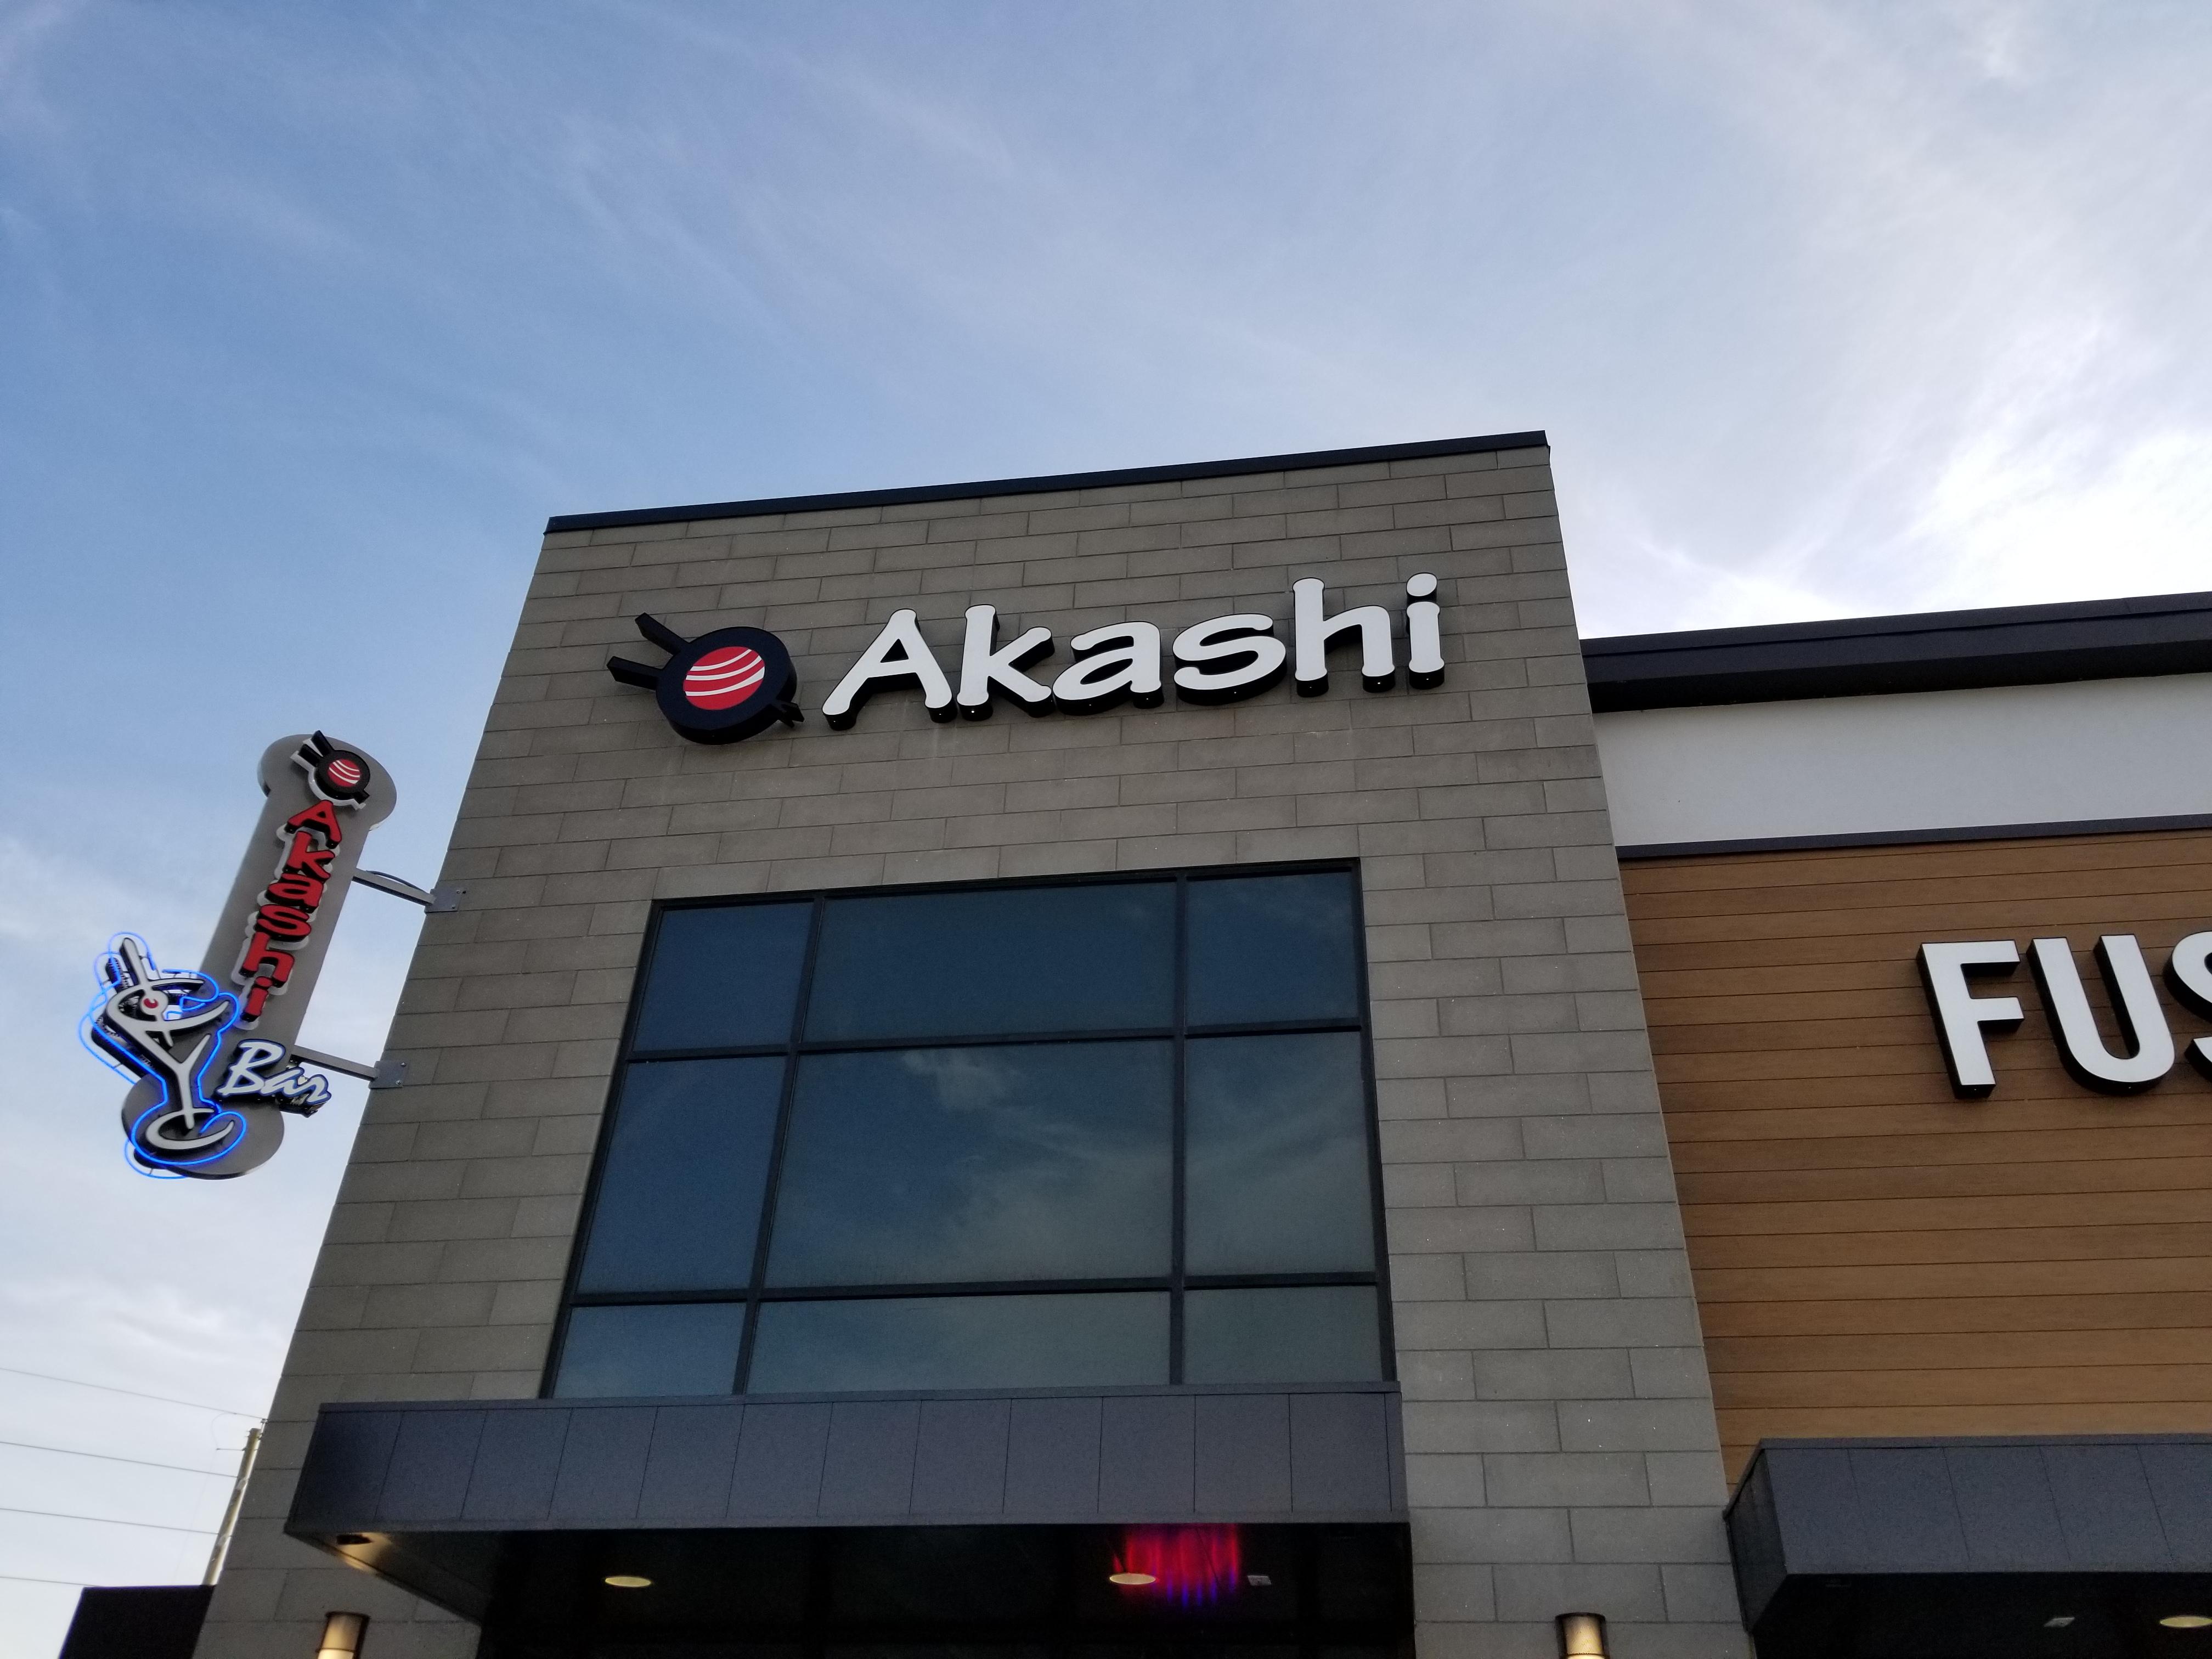 Akashi time!